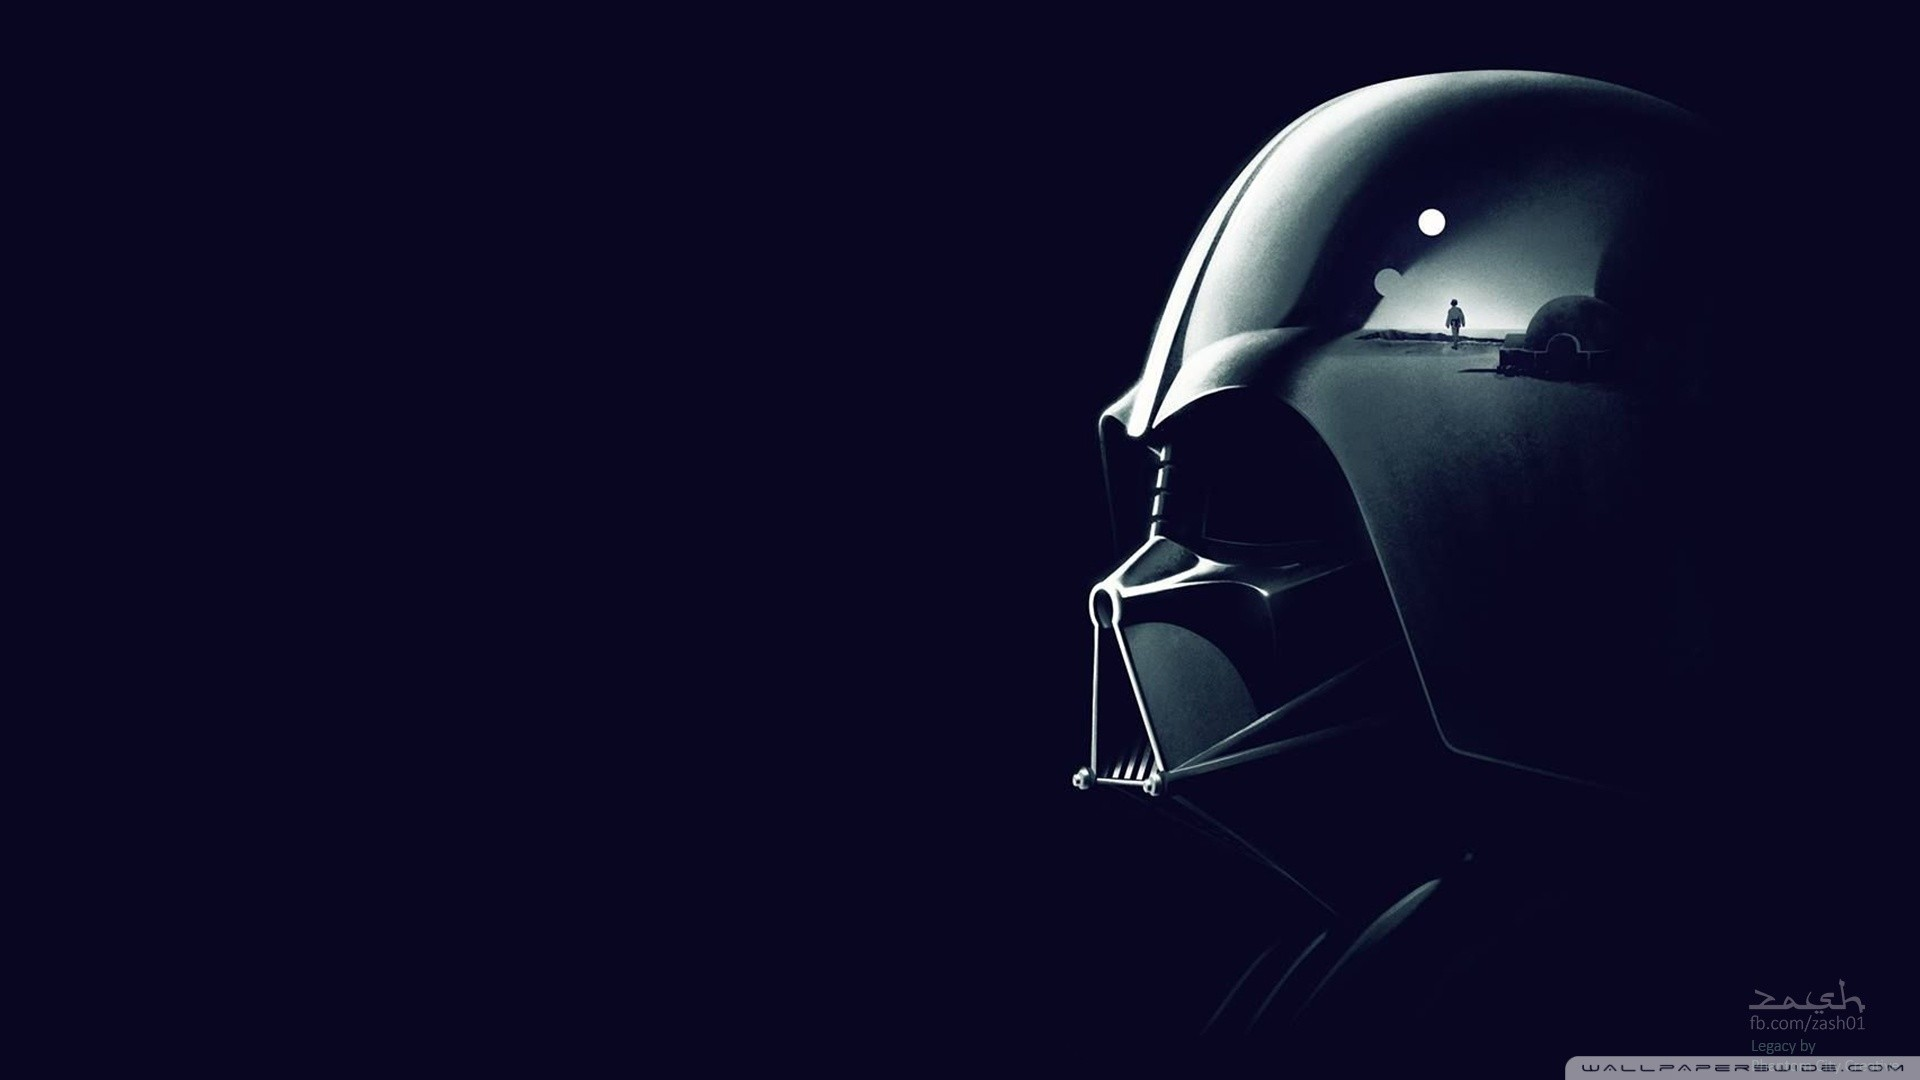 Star Wars HD desktop wallpaper